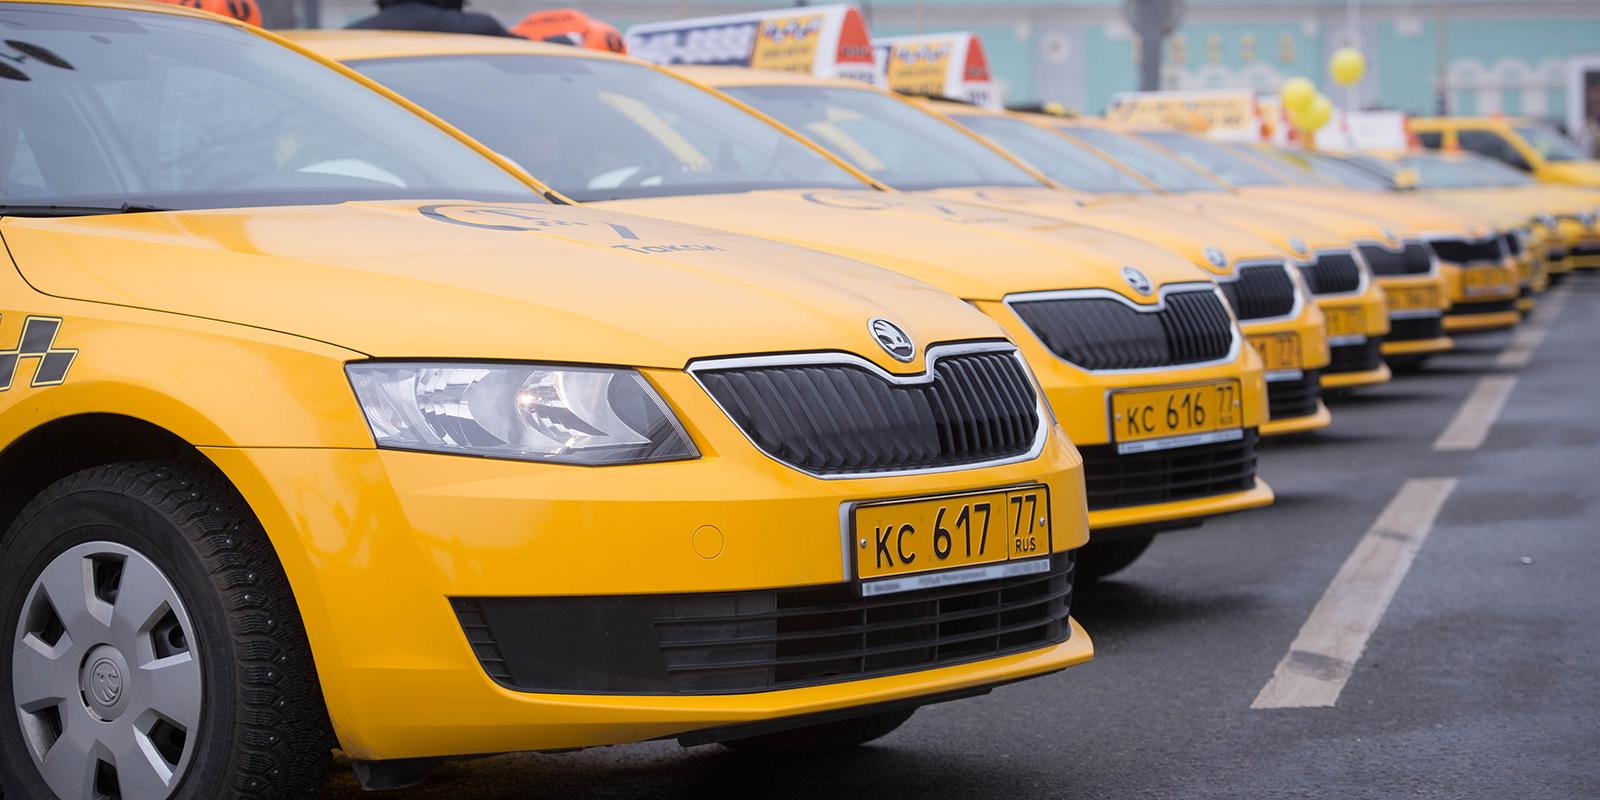 В новом году возить пассажиров в такси будут только россияне